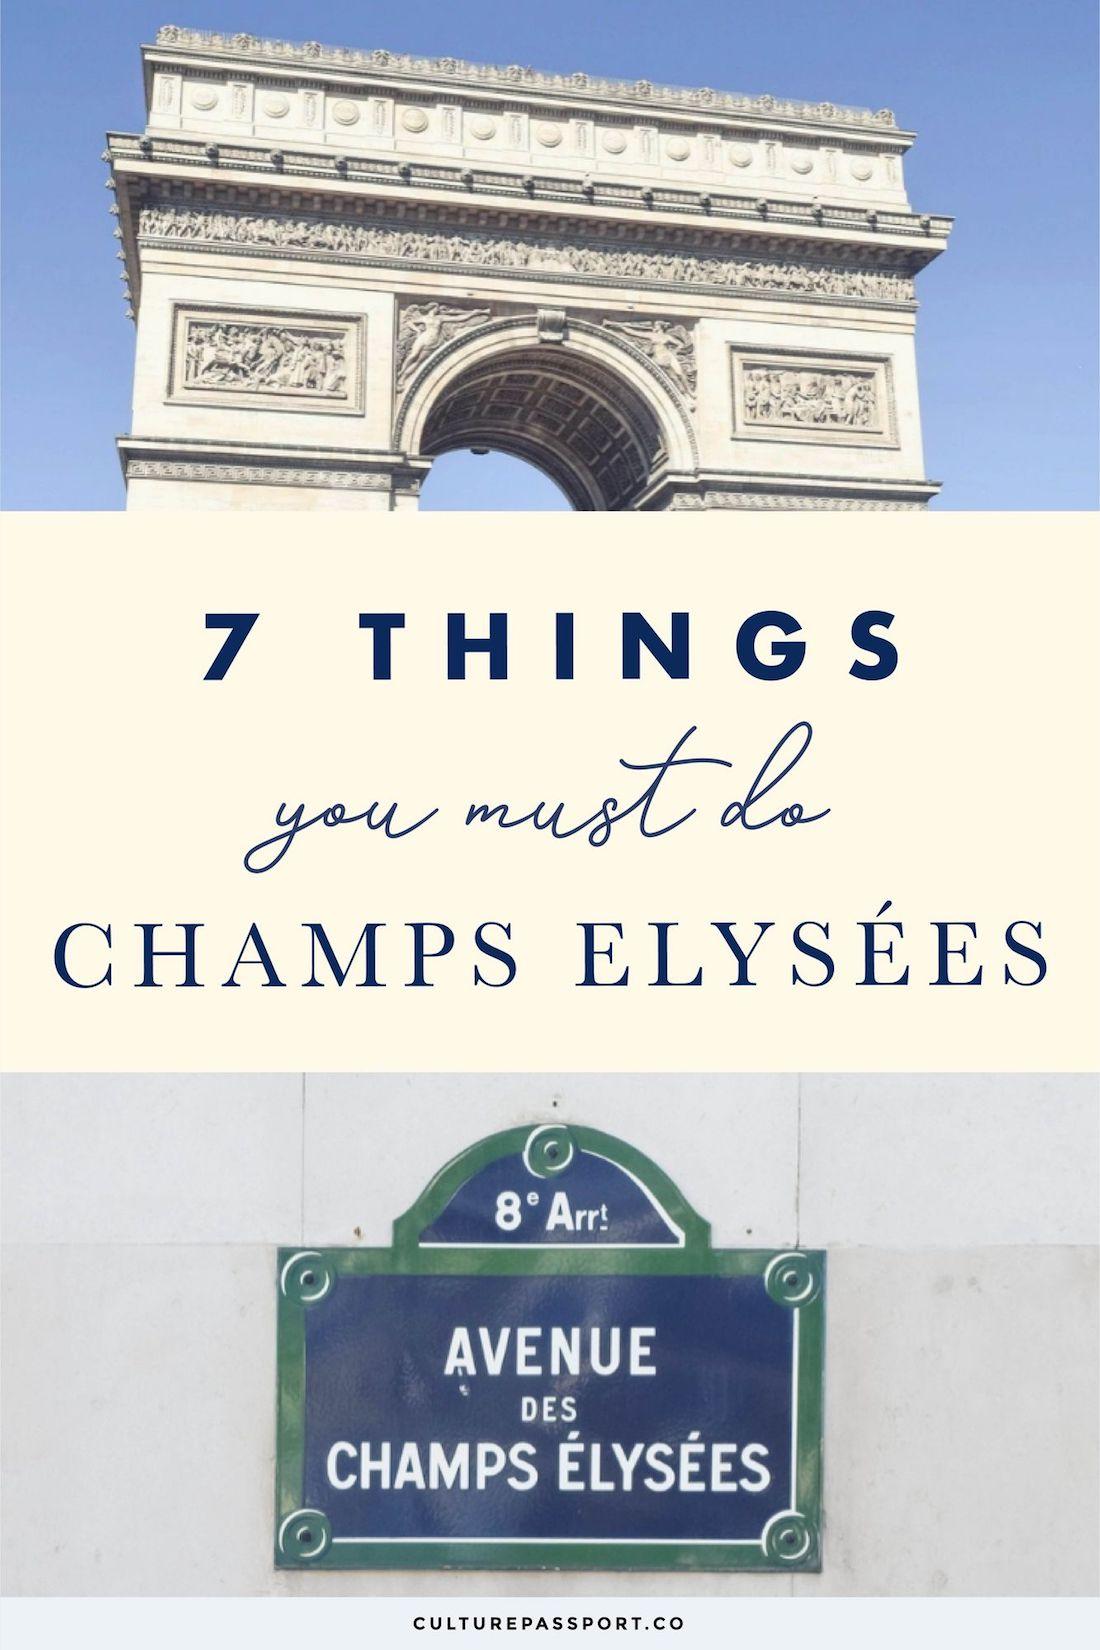 7 Things You Must Do On The Champs Élysées! #Paris #ParisTips #ParisGuide